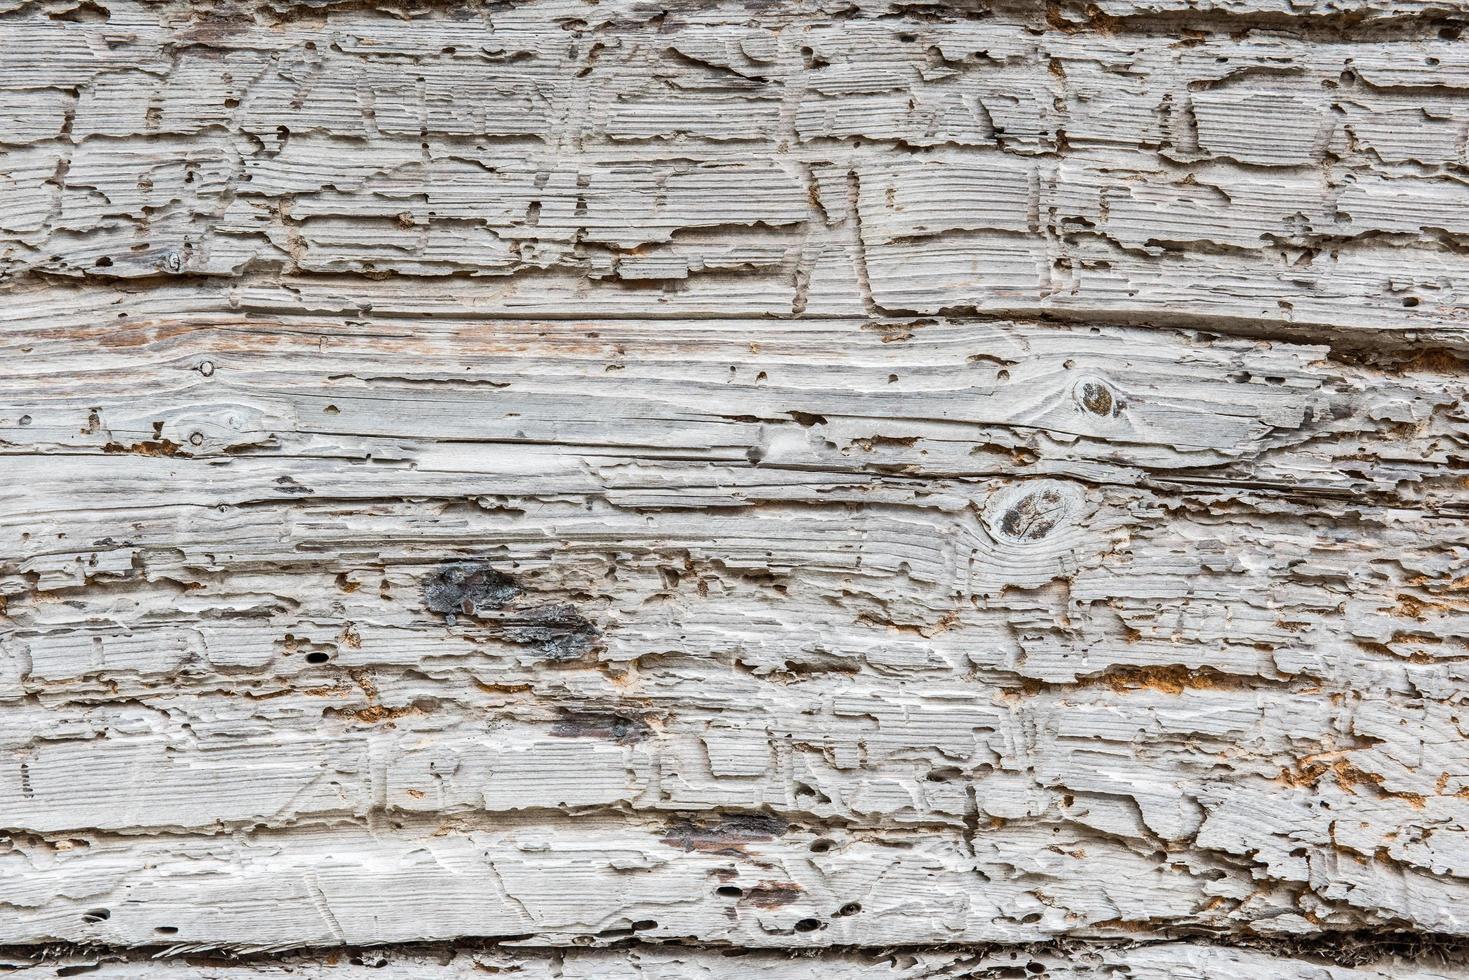 struttura in legno bianco rustico foto